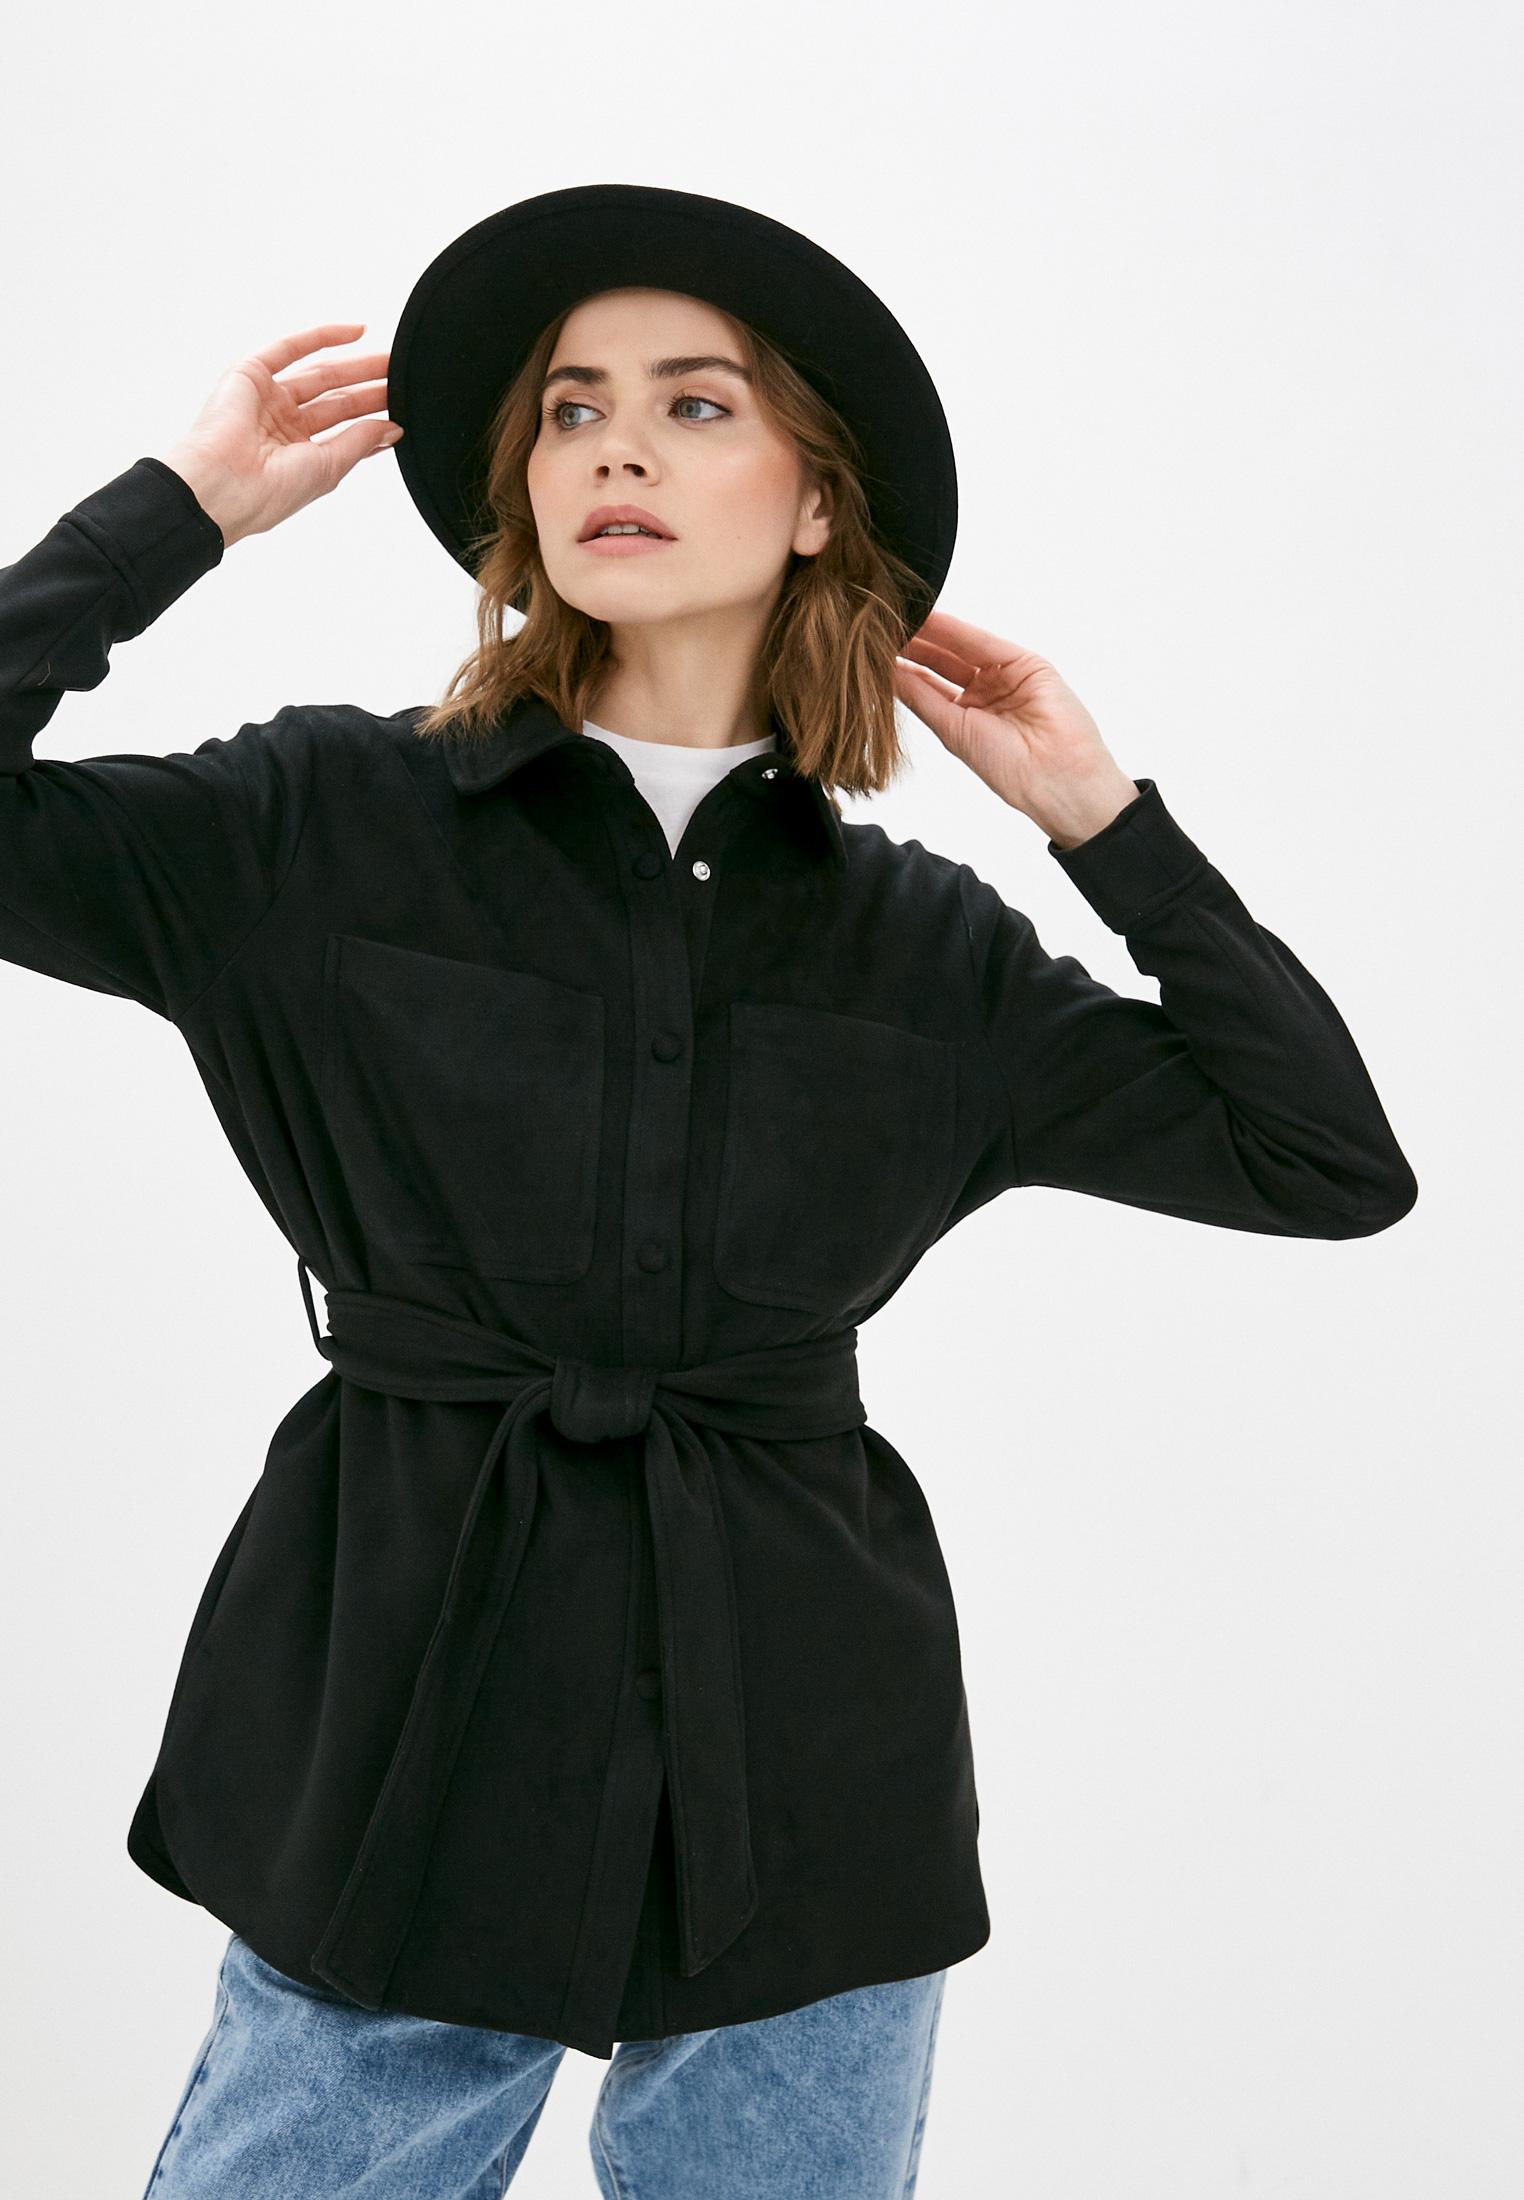 Женские рубашки с длинным рукавом Vero Moda Рубашка Vero Moda